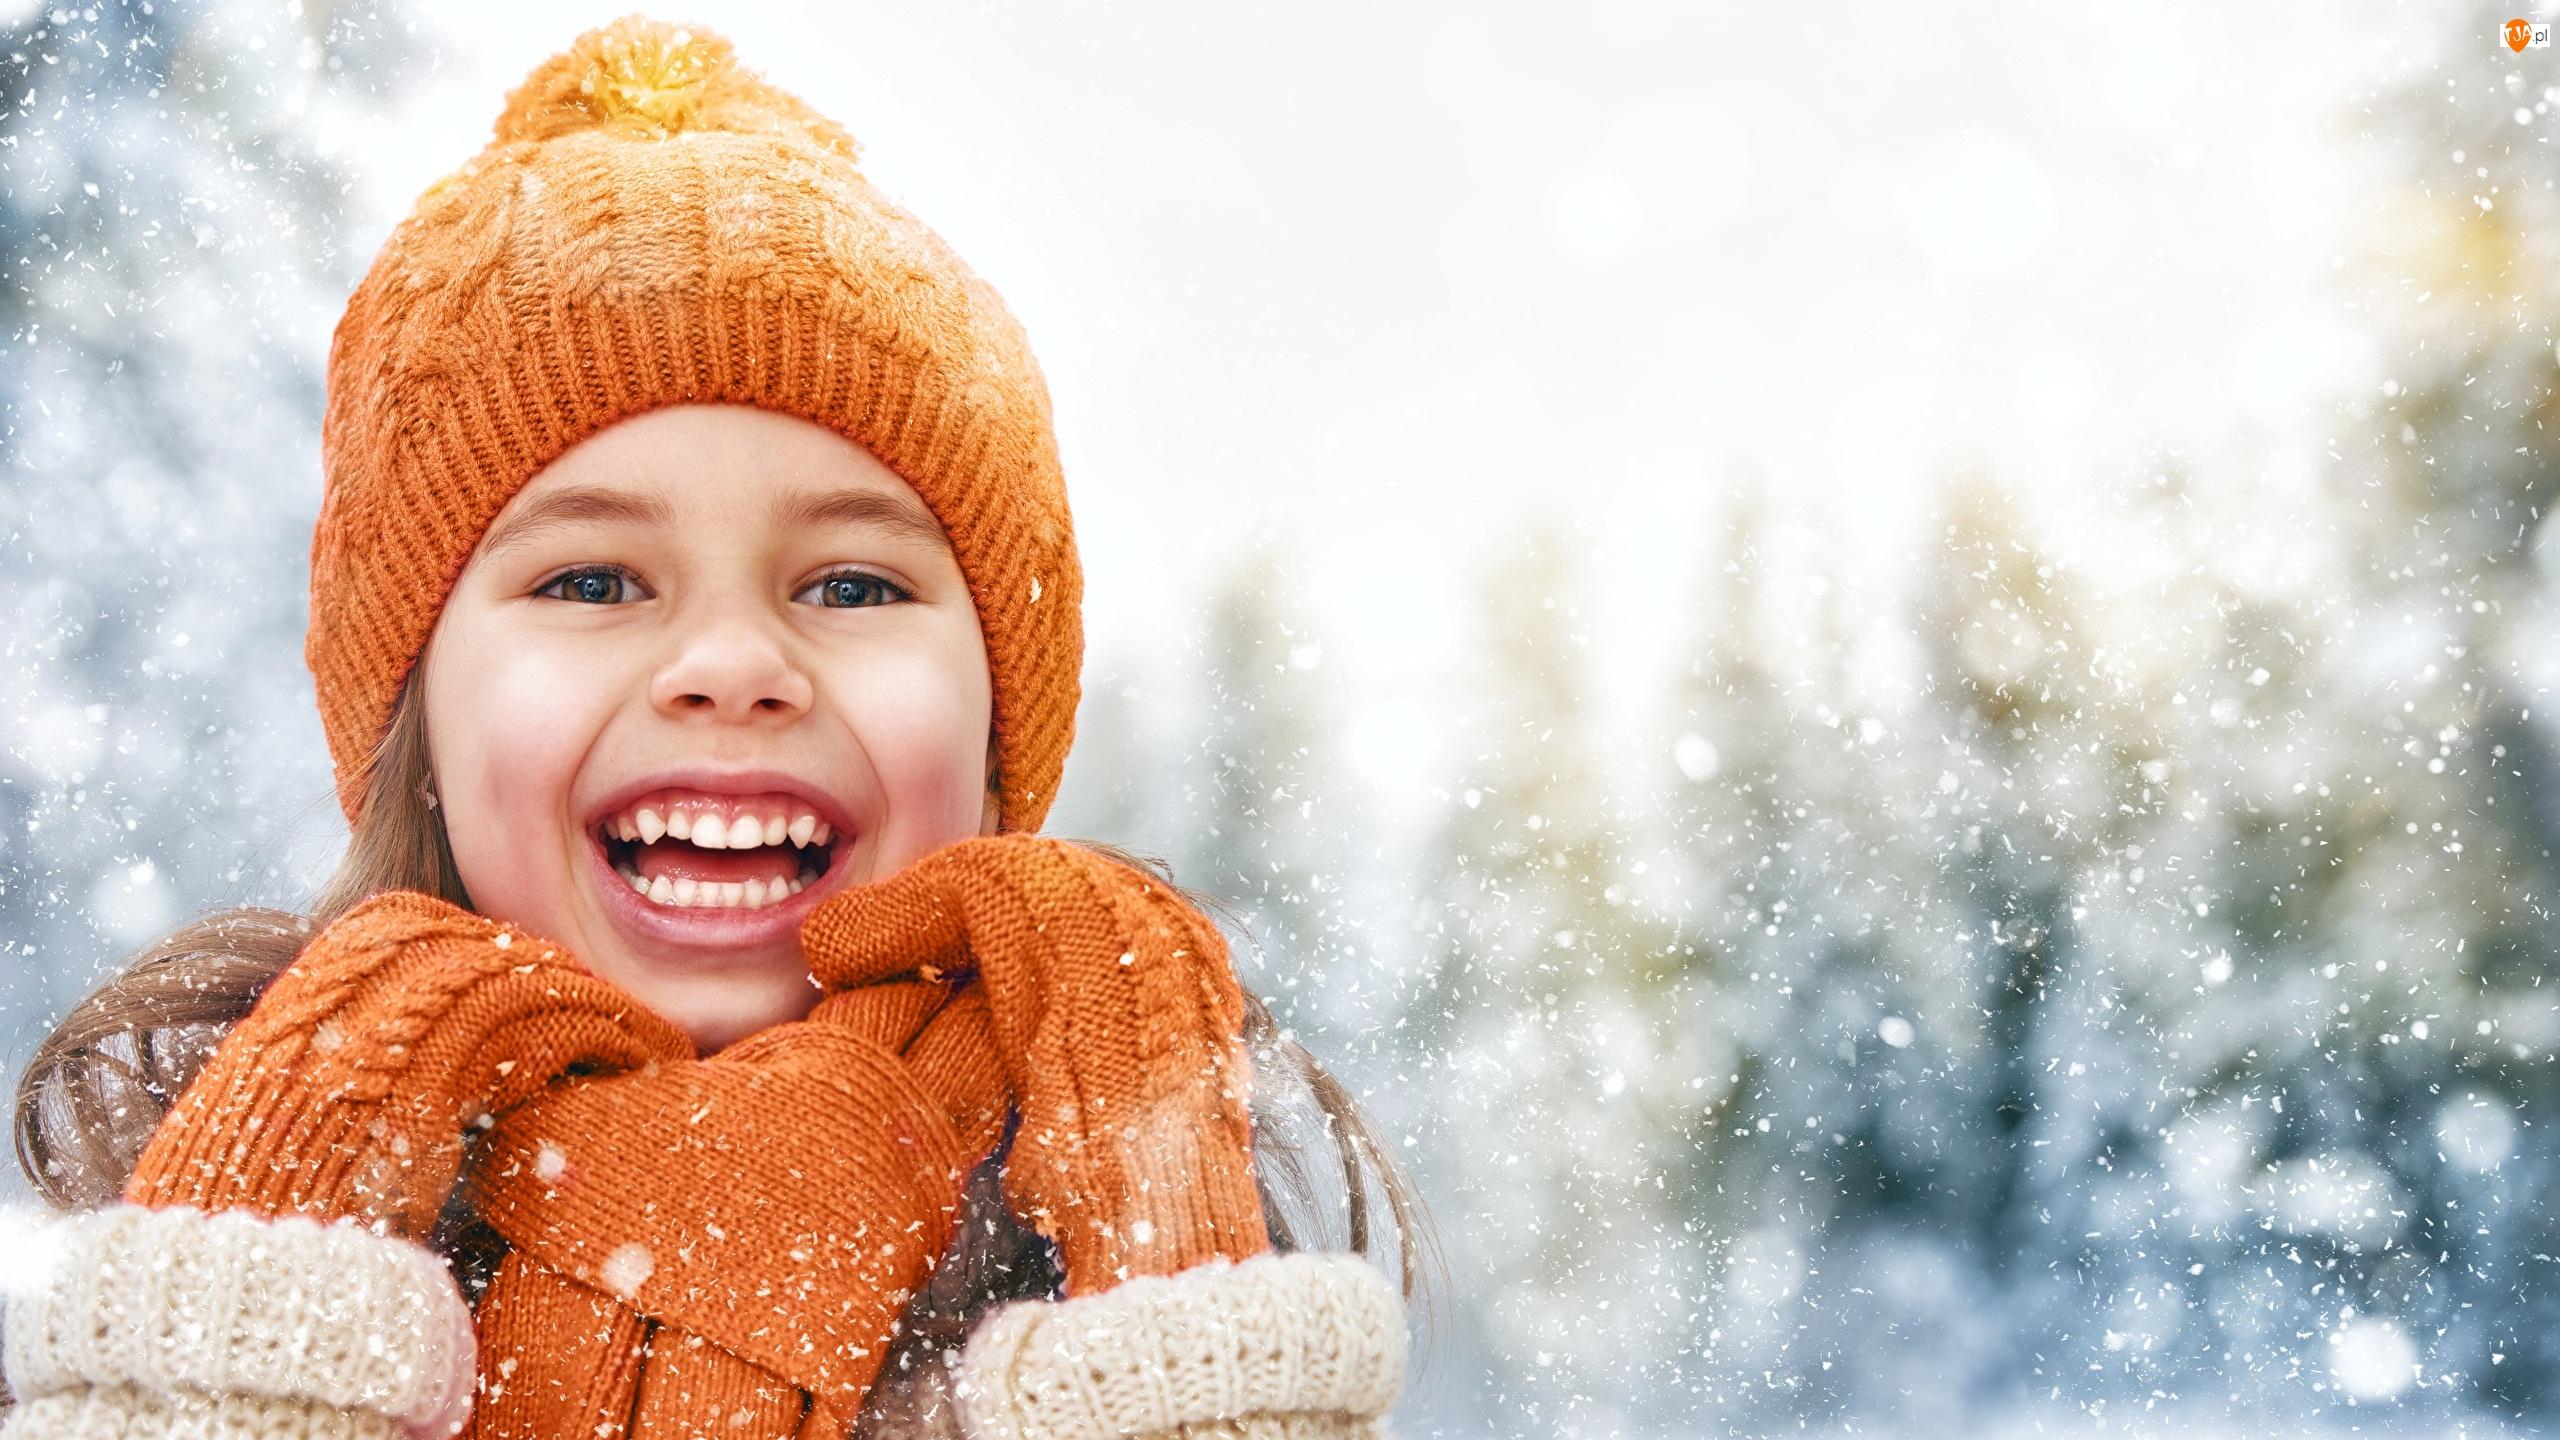 Rękawiczki, Uśmiechnięta, Czapka, Dzianina, Dziewczynka, Szalik, Zima, Pomarańczowa